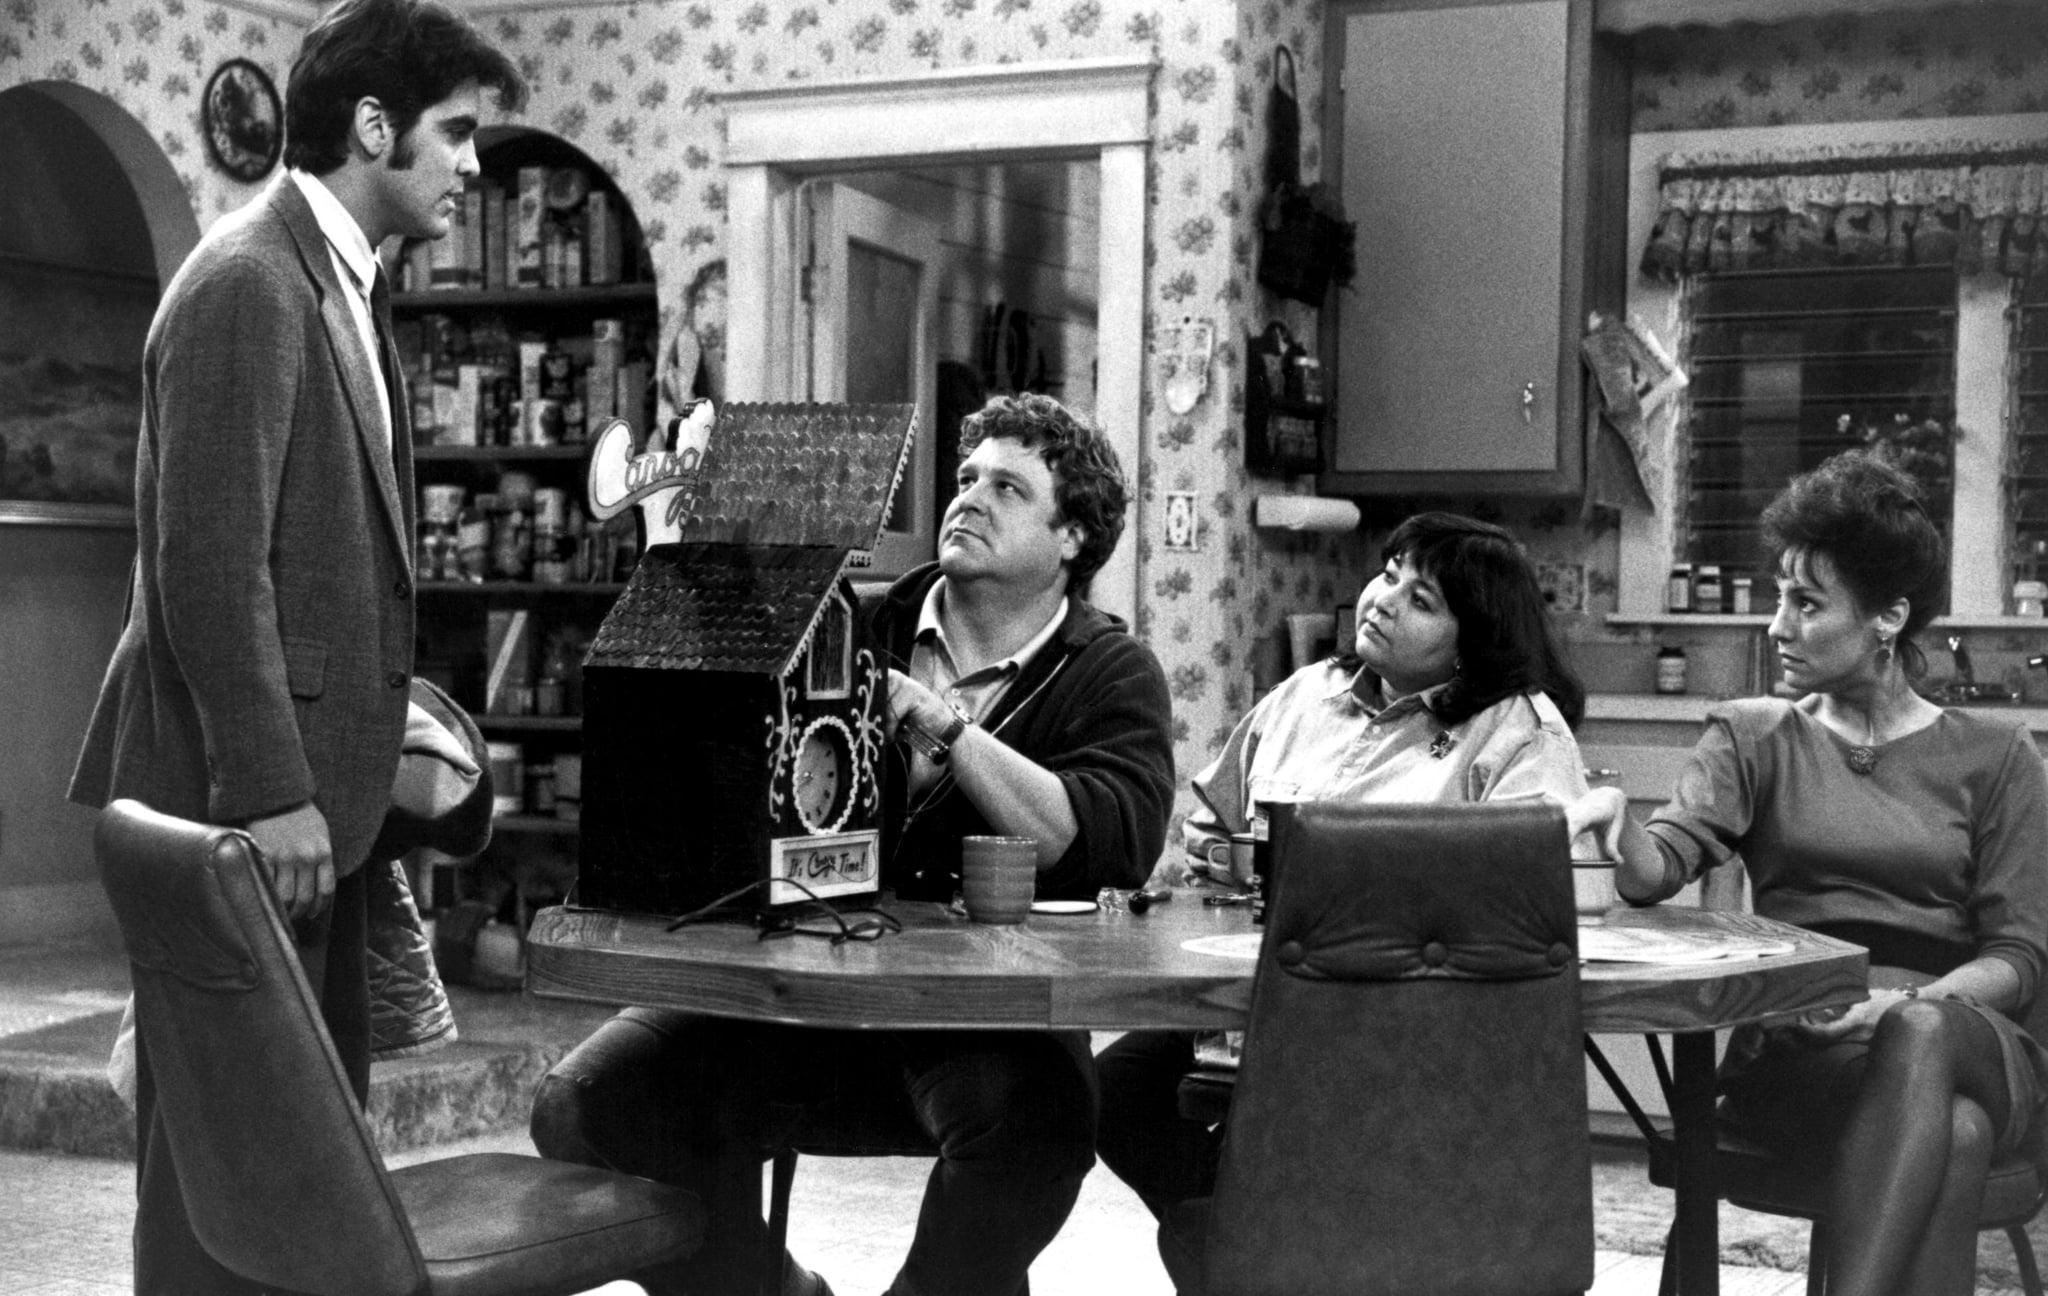 ROSEANNE, George Clooney, John Goodman, Roseanne, Laurie Metcalf, 1988-1997,